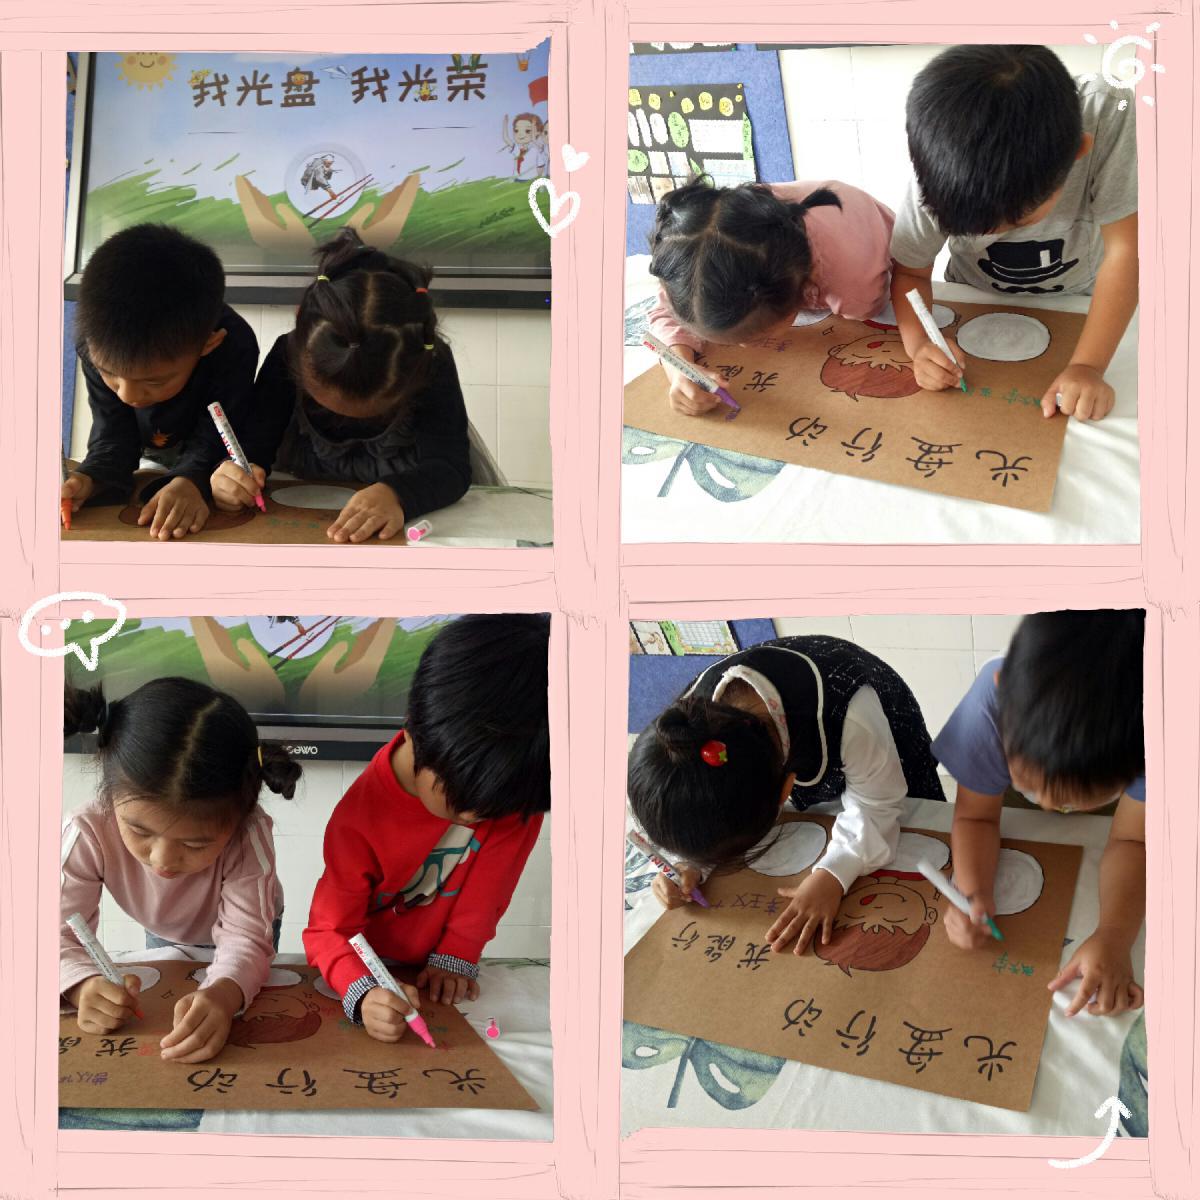 白兔镇中心幼儿园:爱惜粮食,从我做起 (3).jpg